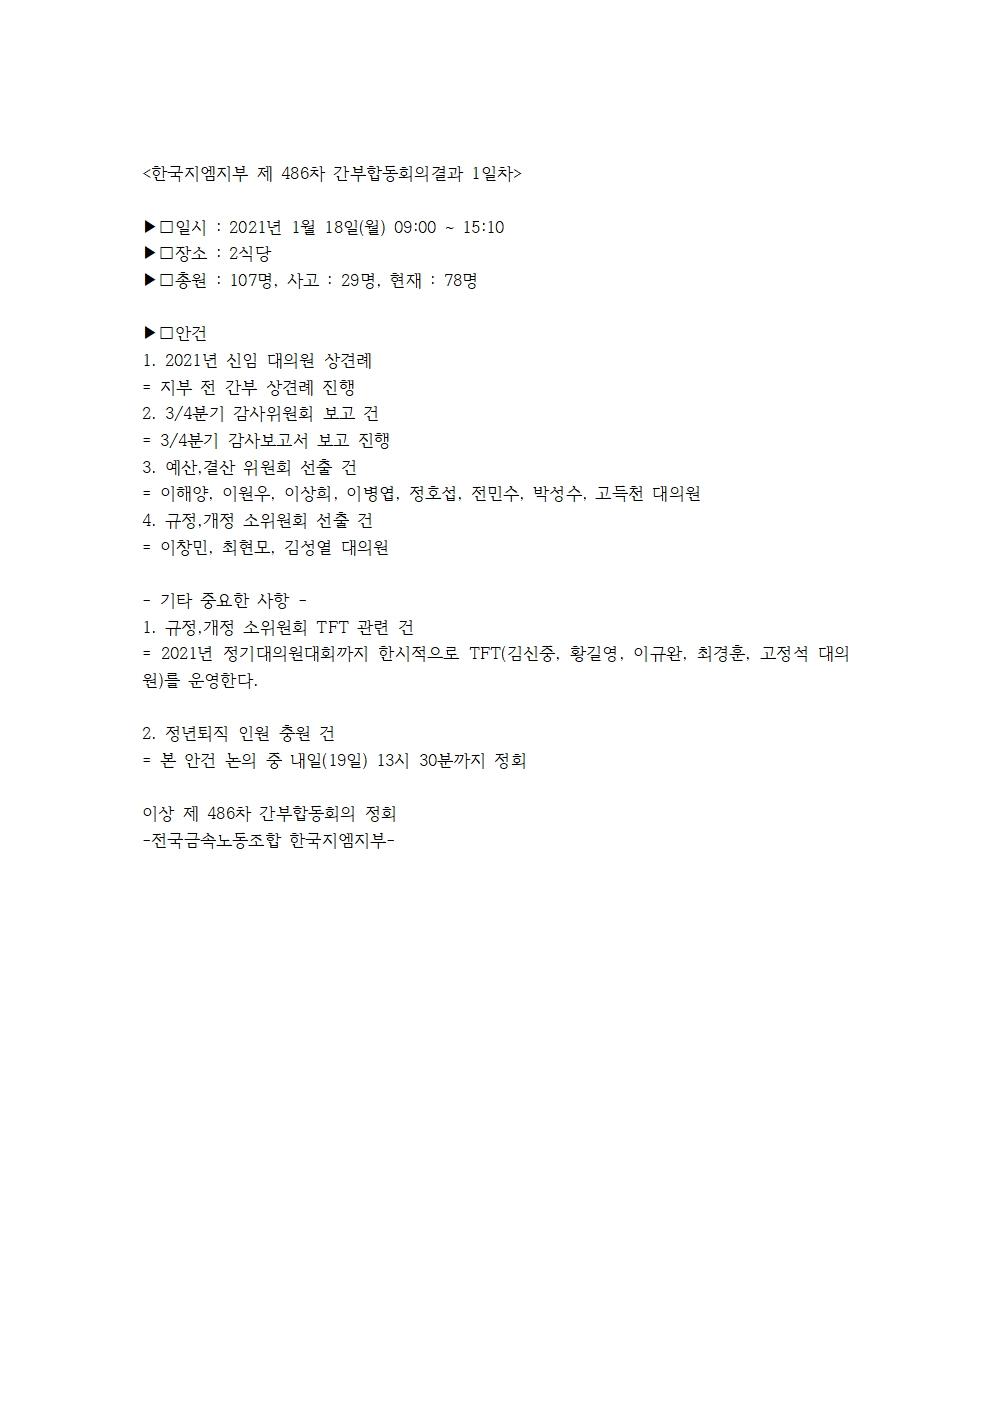 한국지엠지부 제 486차 간부합동회의결과 1일차001.jpg